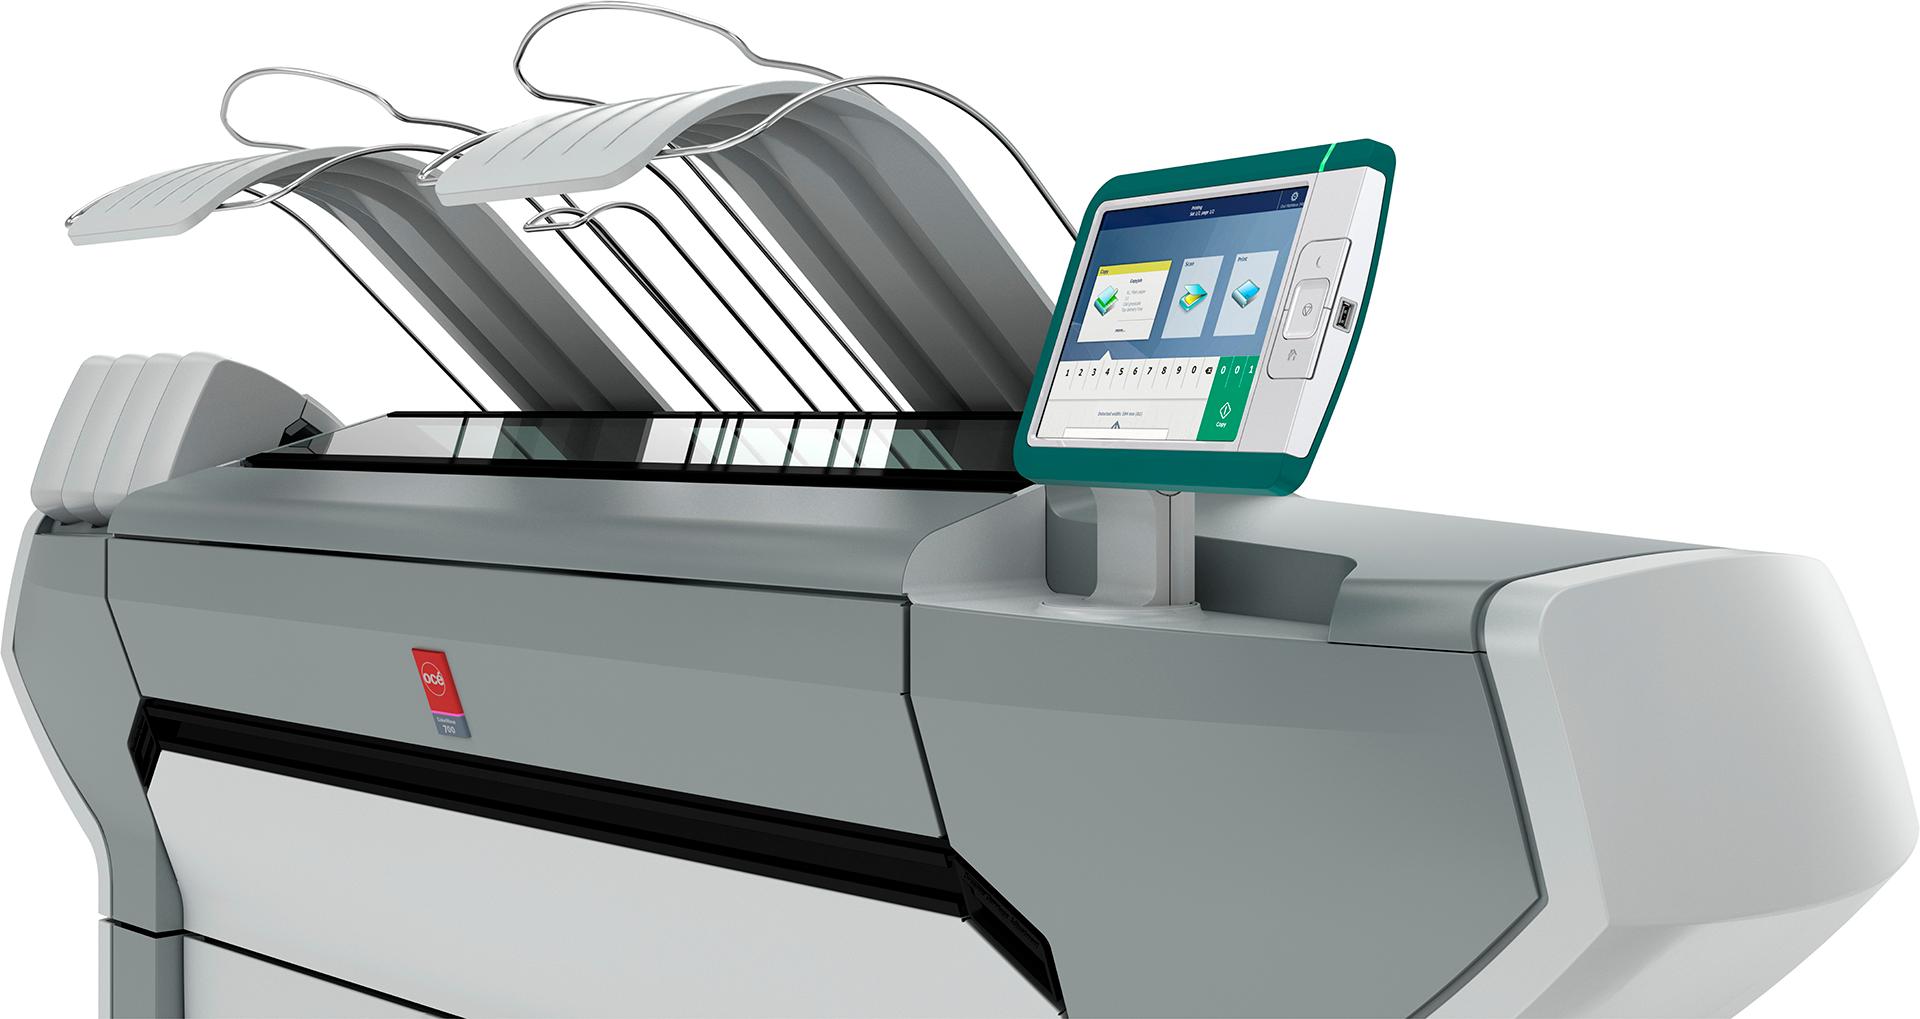 Принтеры с широкой душой. Краткий гид по устройствам для широкоформатной печати Canon - 9